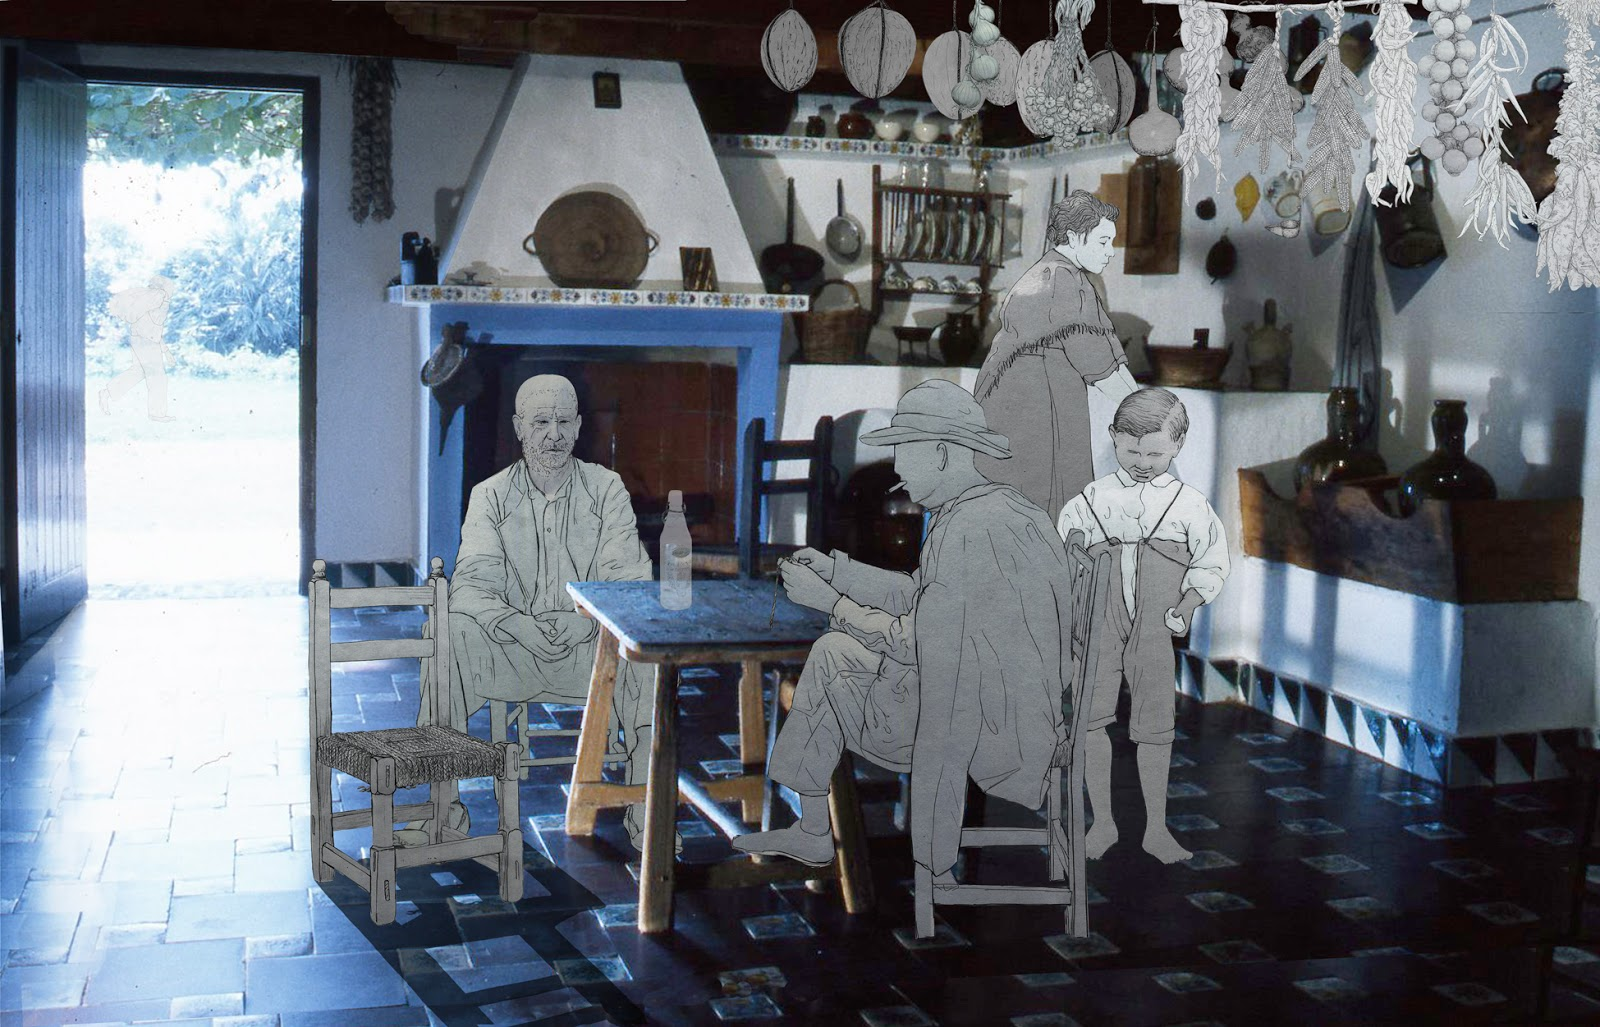 vivienda tradicional